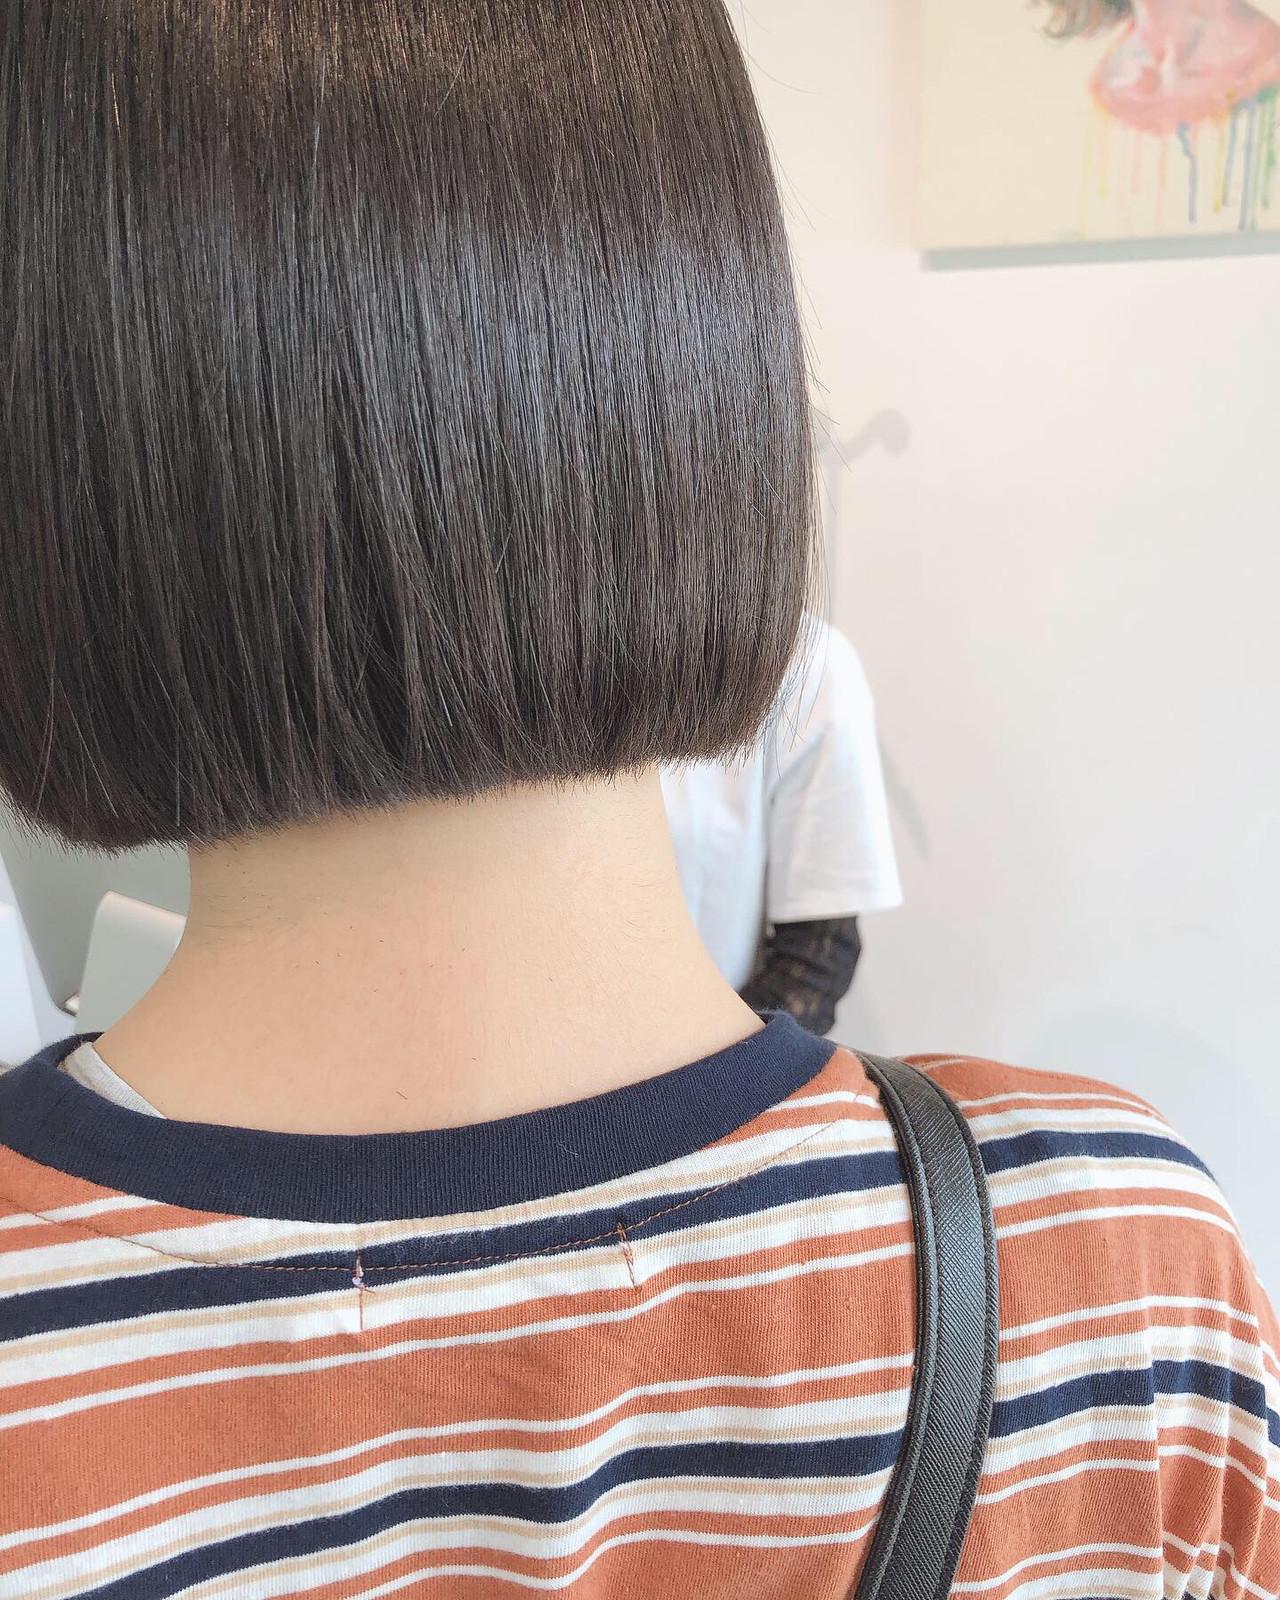 ミニボブ ボブ ナチュラル ショートボブ ヘアスタイルや髪型の写真・画像